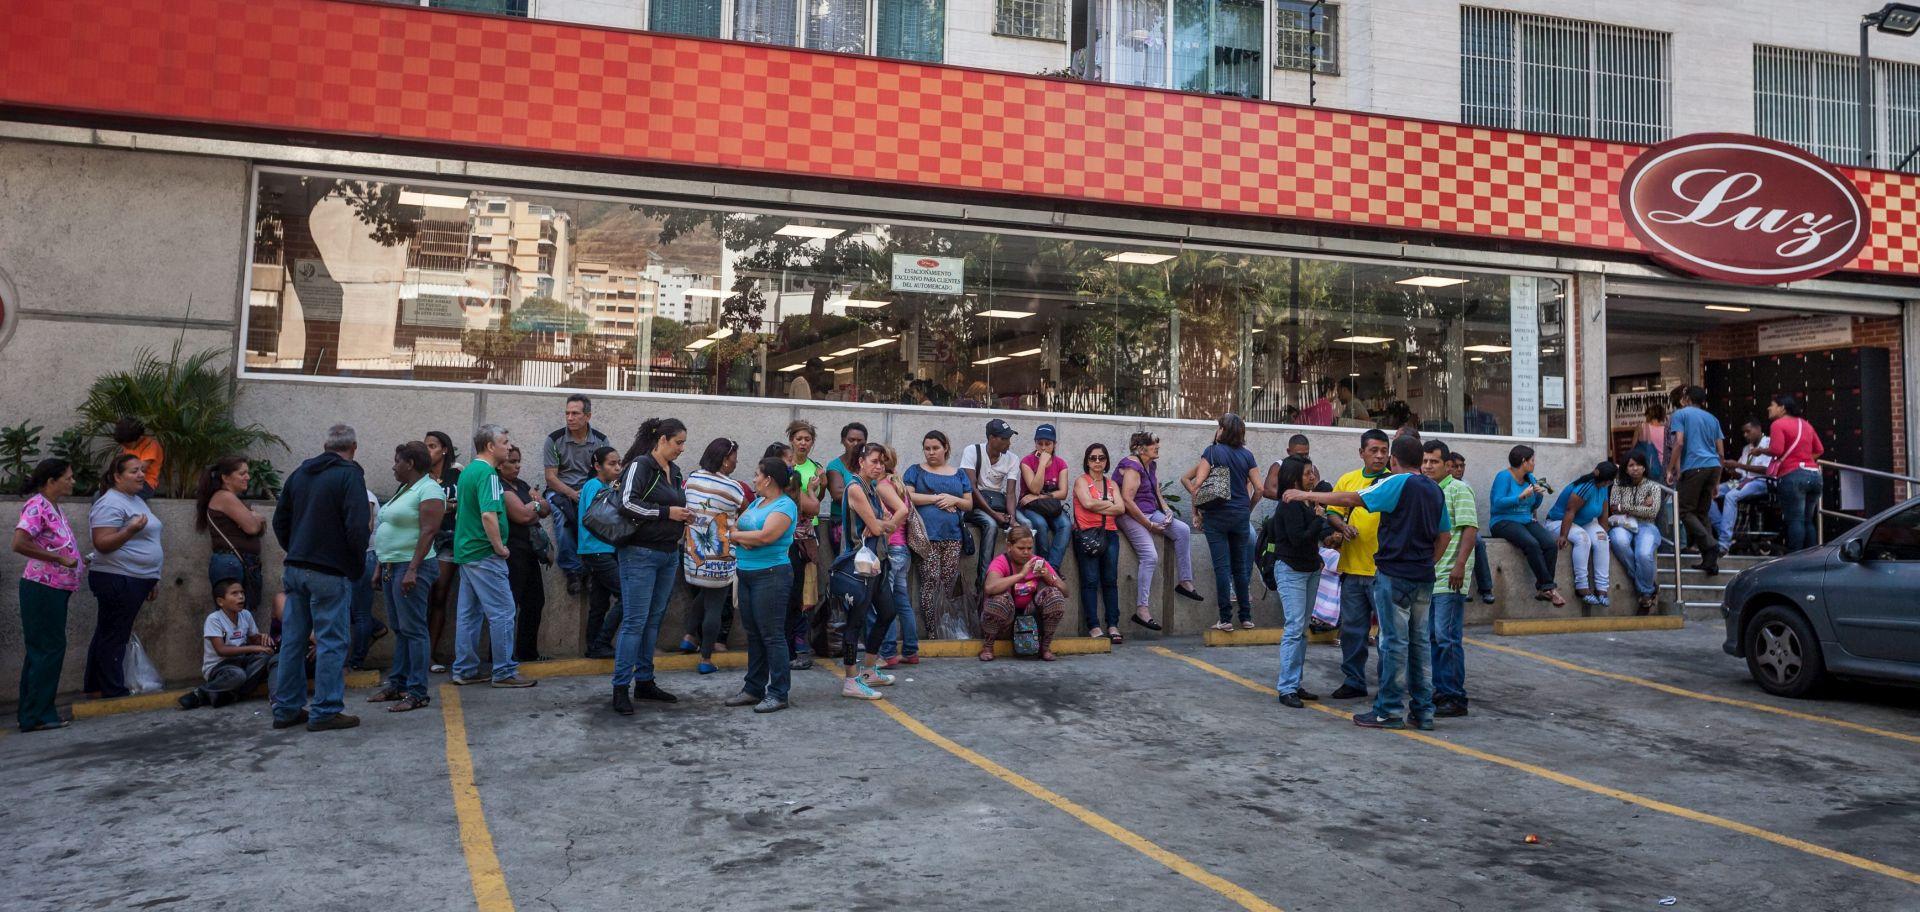 SUD U VENEZUELI: Proglašeno izvanredno stanje zbog gospodarske krize